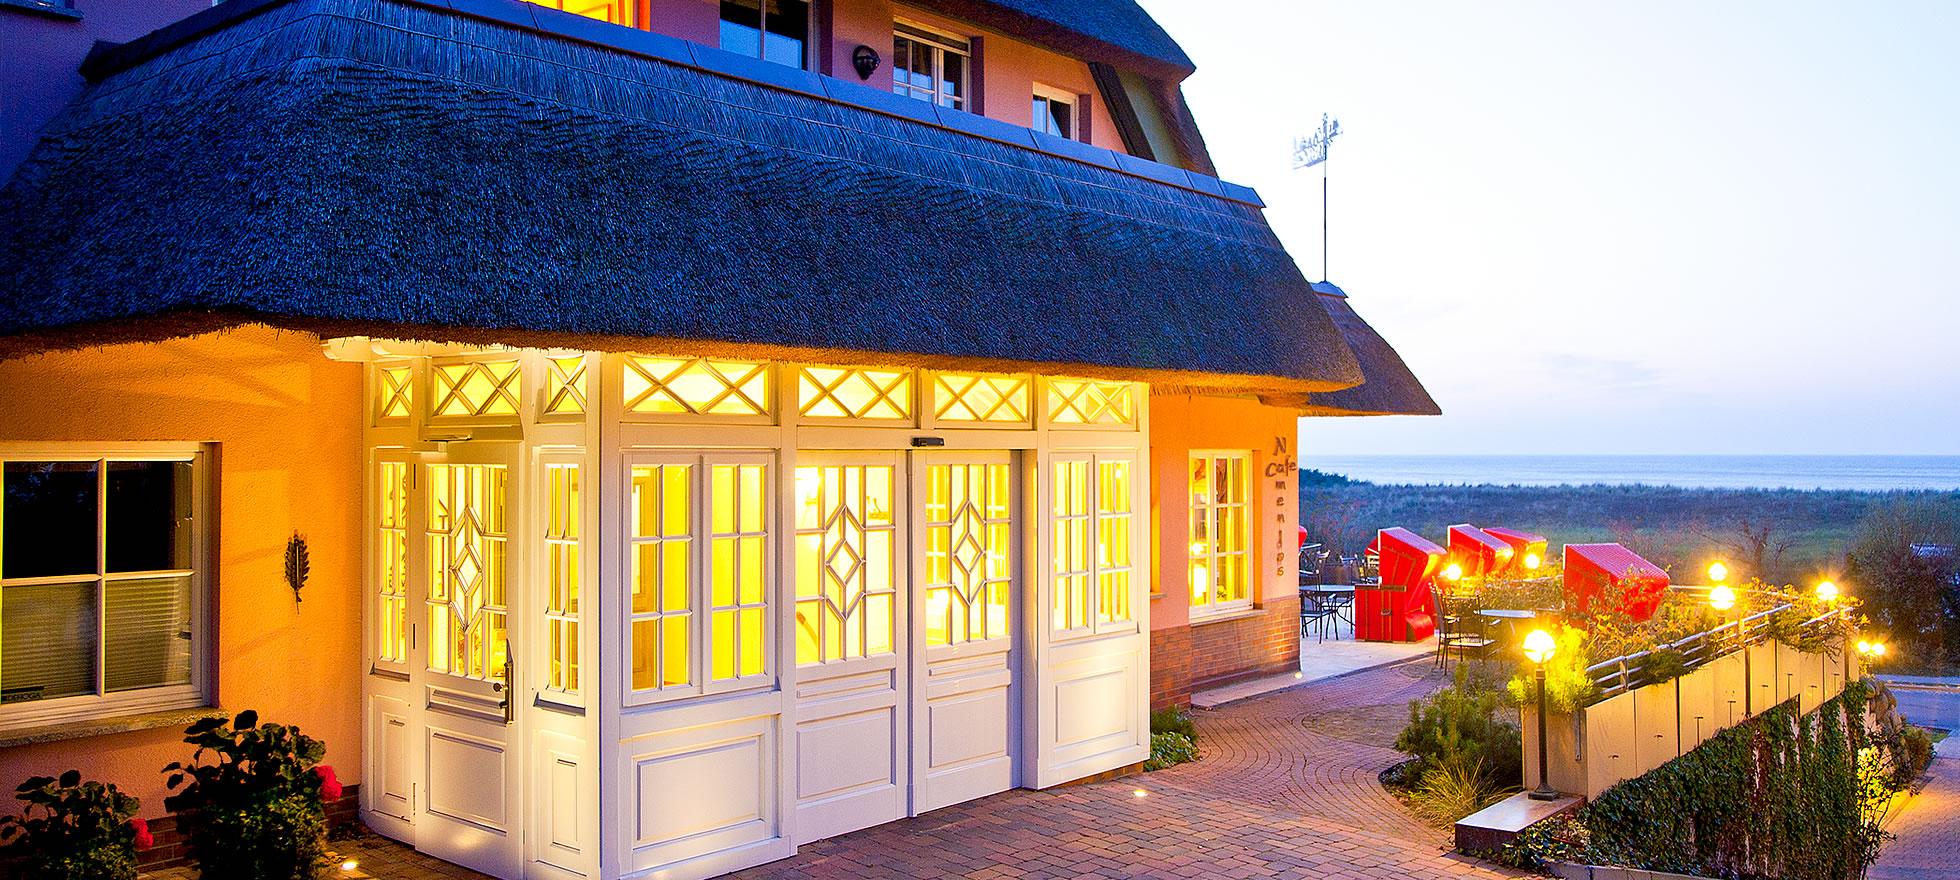 Hotel Namenlos, Eingang von der Seite